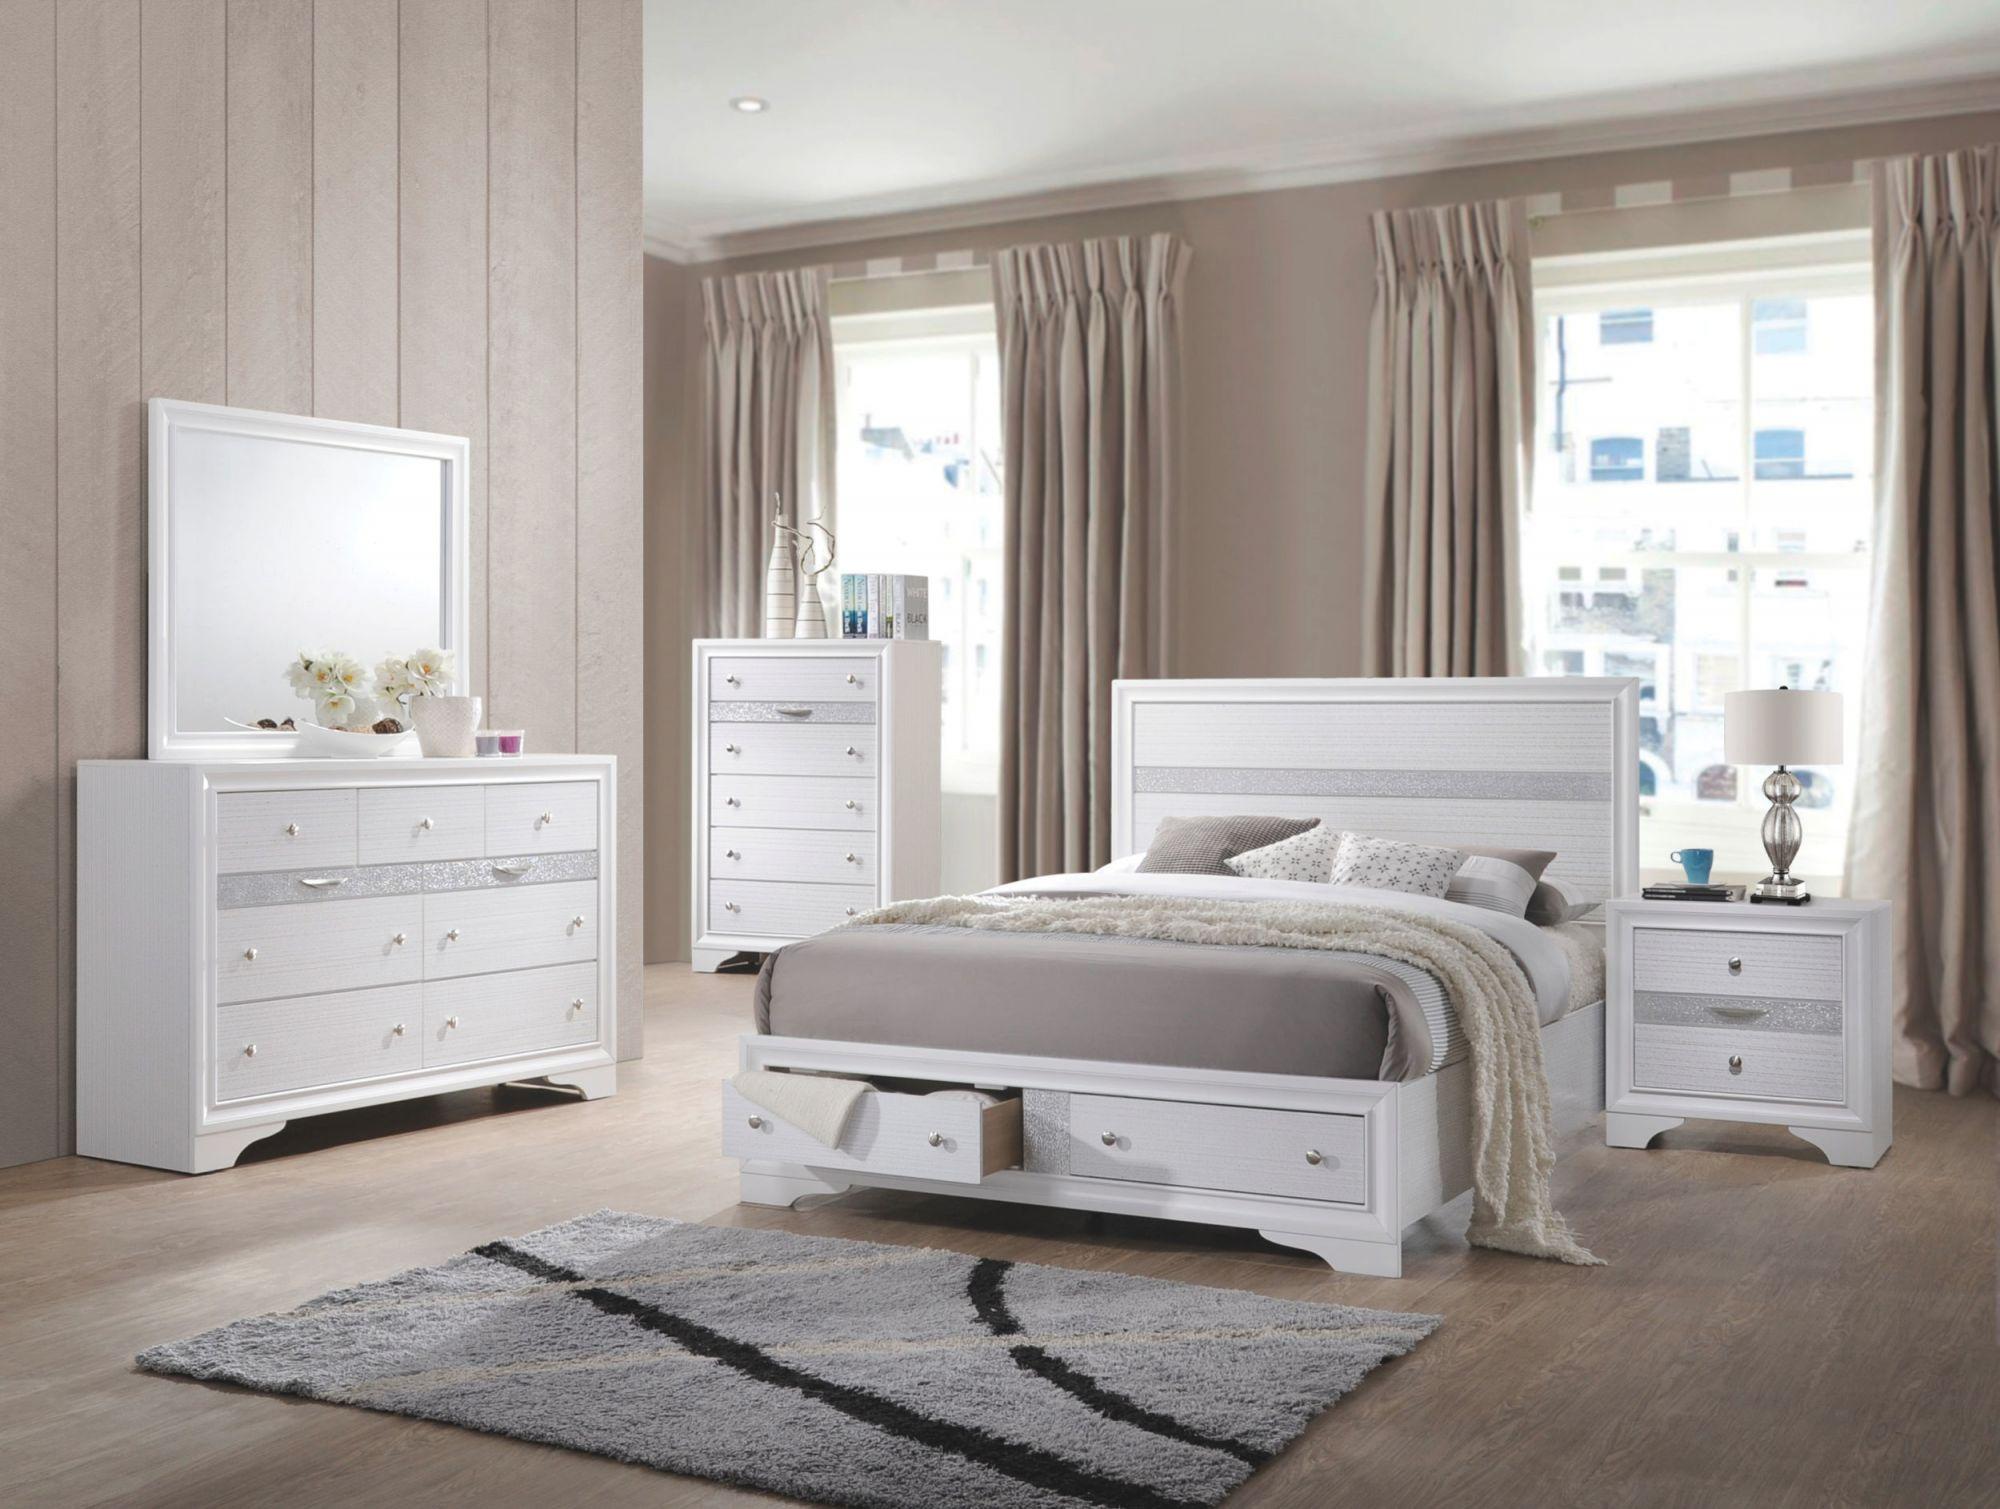 Jewel White Platform Storage Bedroom Set – Queen | Nader's Furniture for Bedroom Set Queen